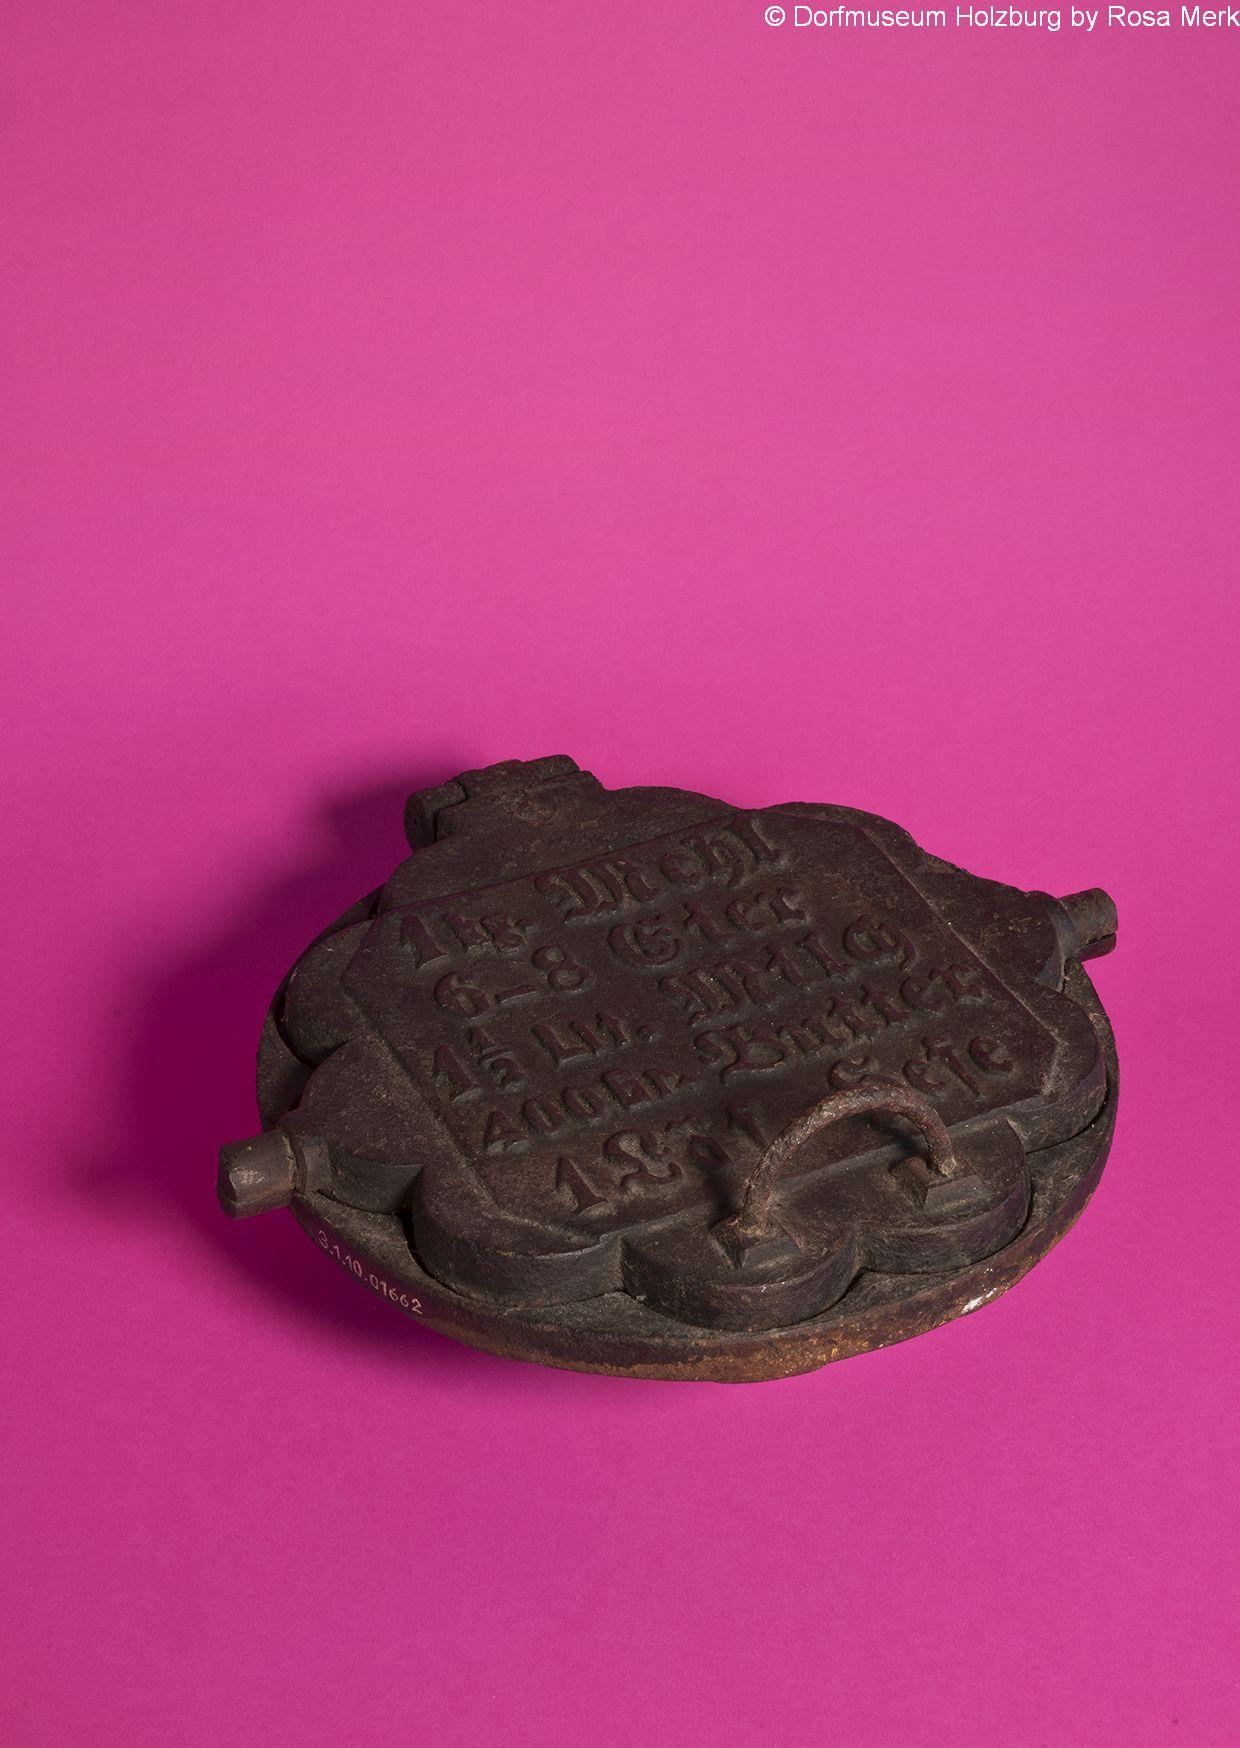 Waffeleisen, Petzkucheeise, 20. Jh., Eisen gegossen, mit wendbarem Aufsatz für Kohleherd